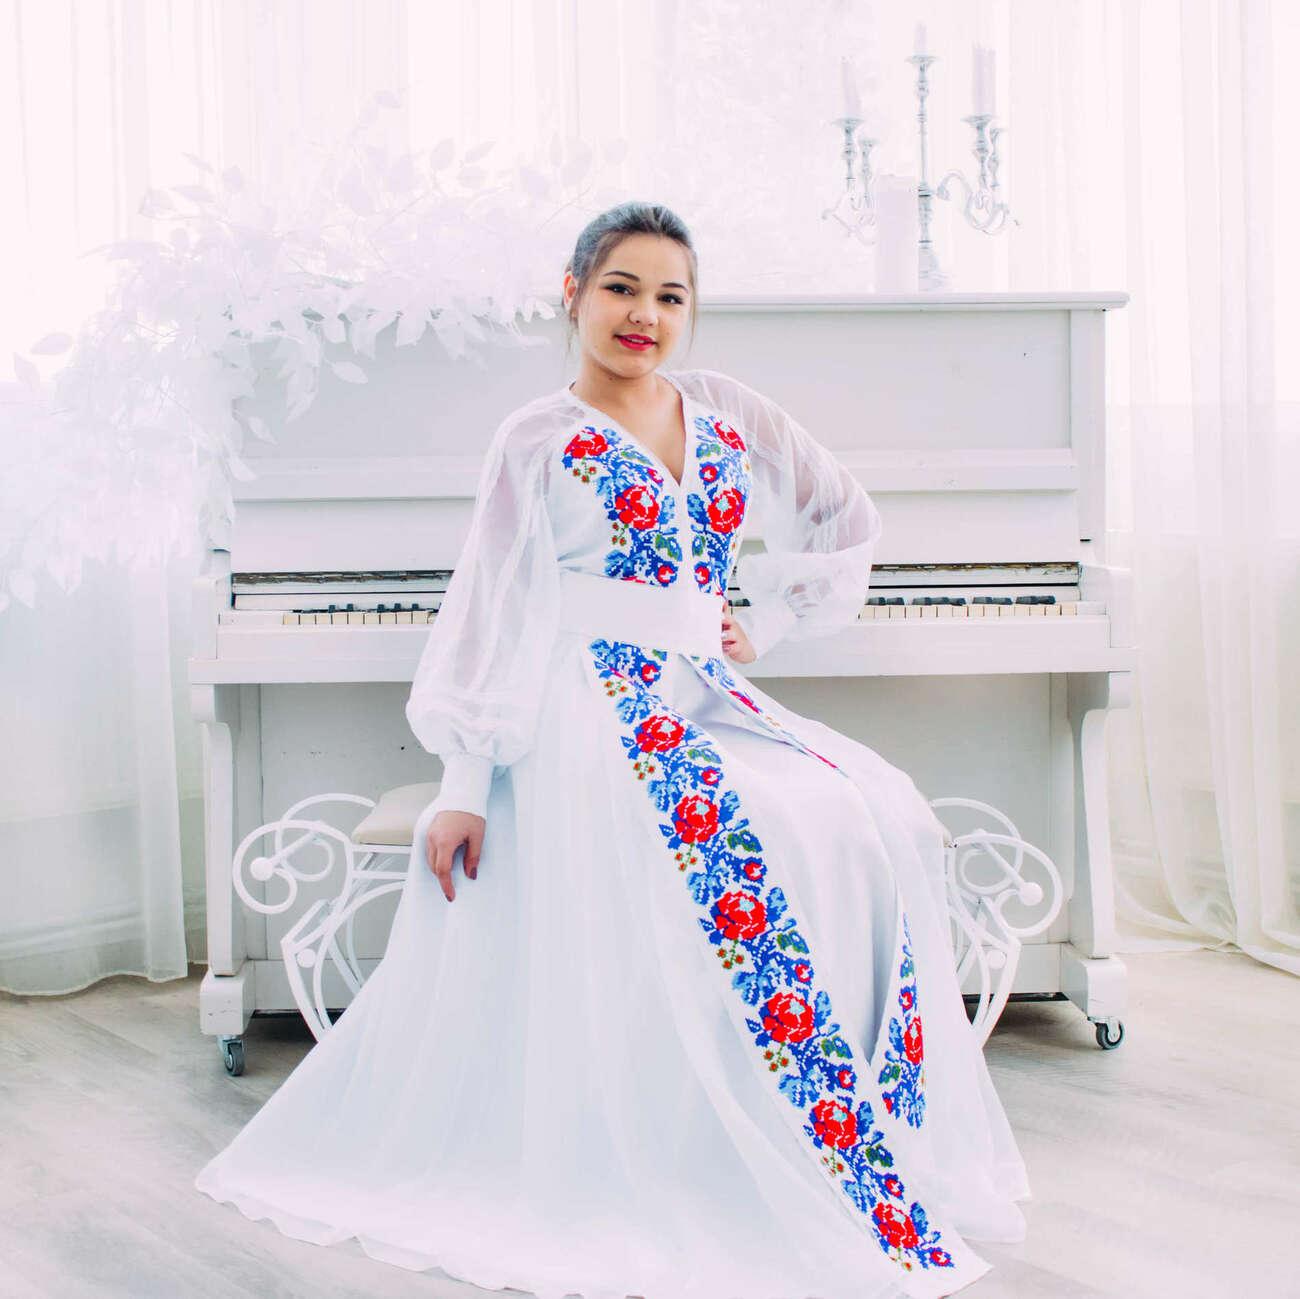 Купити Весільна сукня з квітковою вишивкою VSU-1152 оптом ... baa35f1cbdc0f